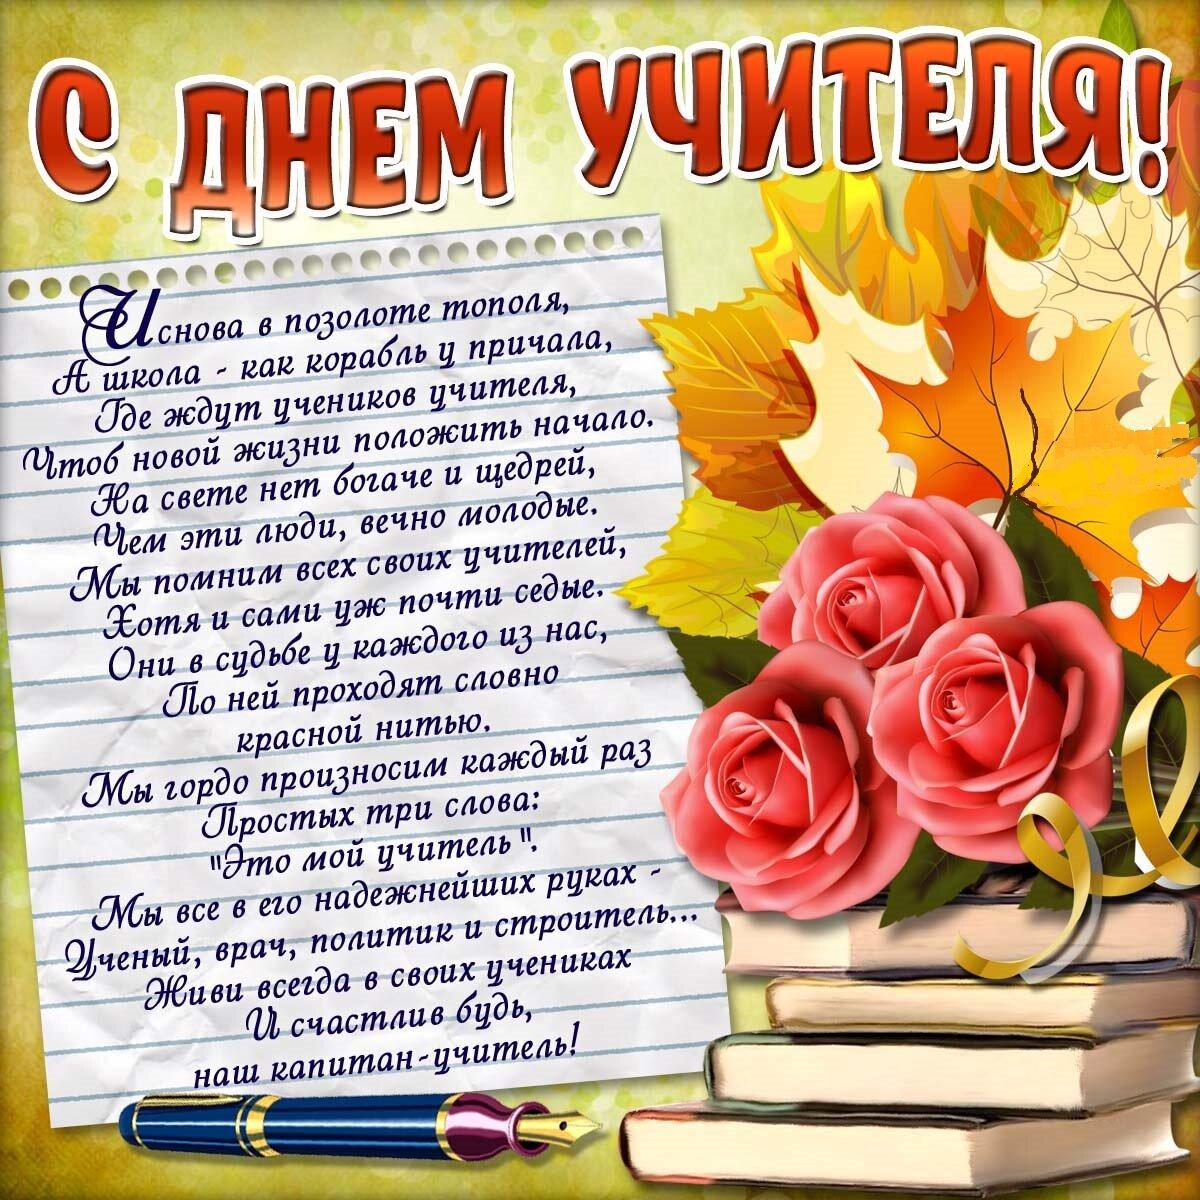 Самое оригинальное поздравление с днем учителя. как поздравить учителя с днем рождения